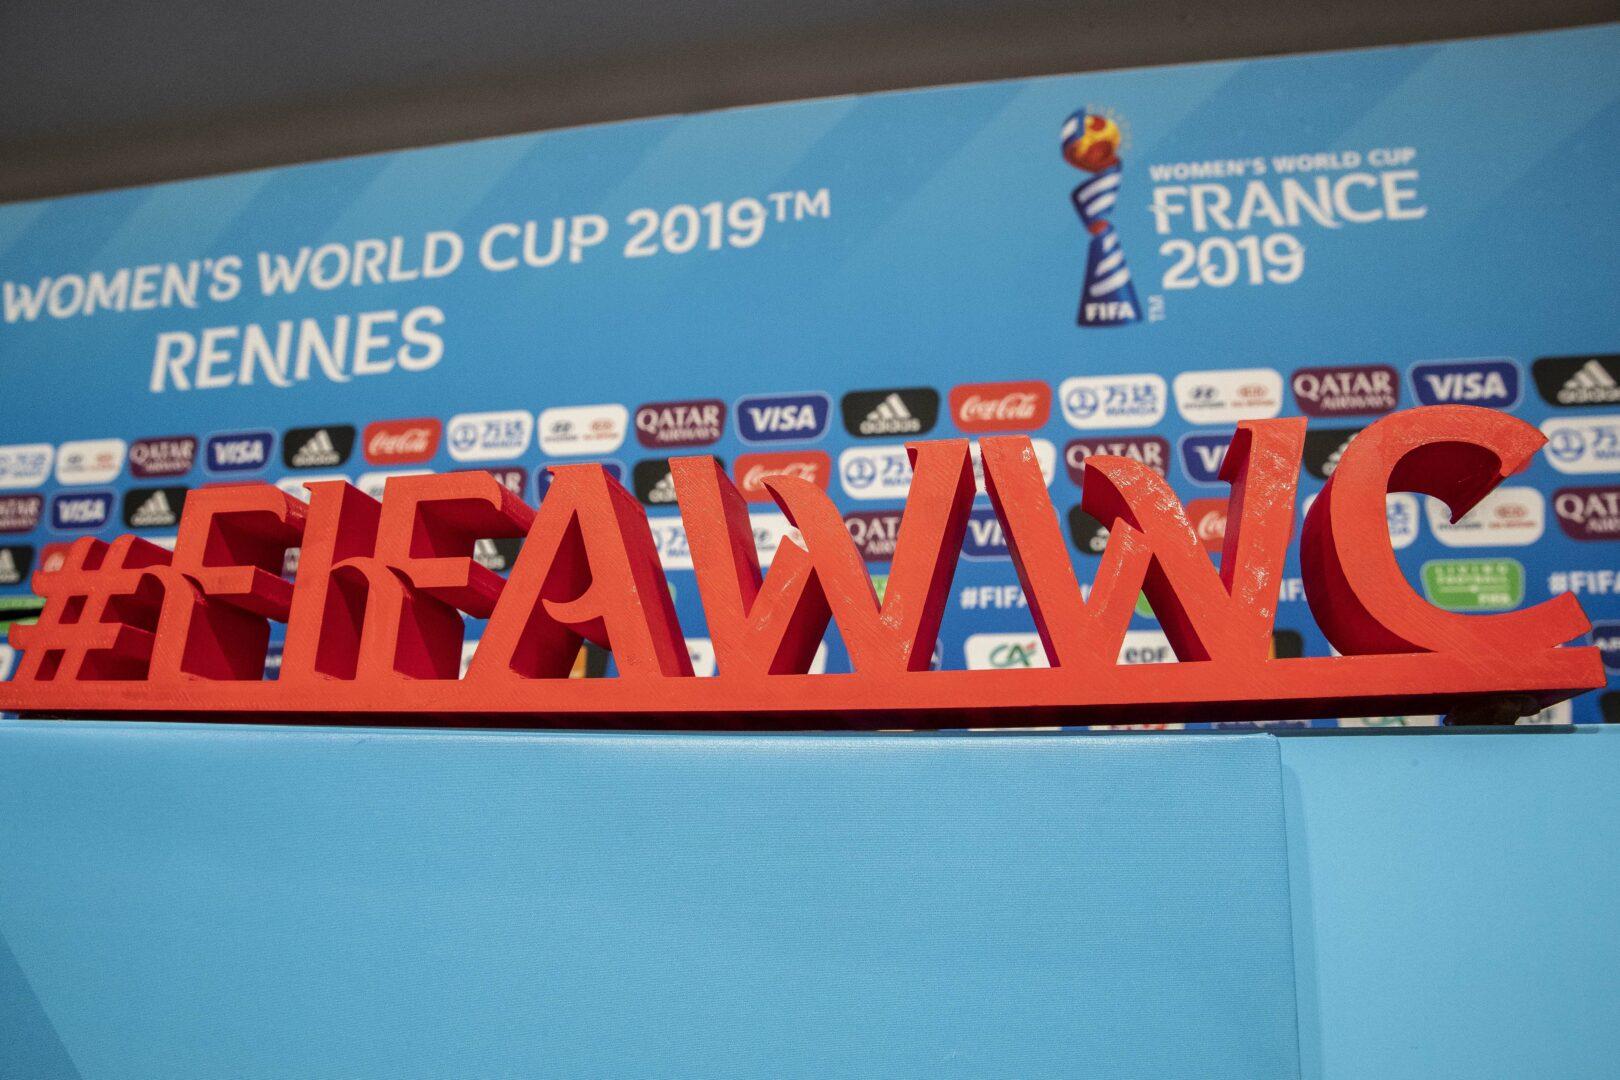 Die Werbebande der WM im Frauenfußball 2019 in Frankreich